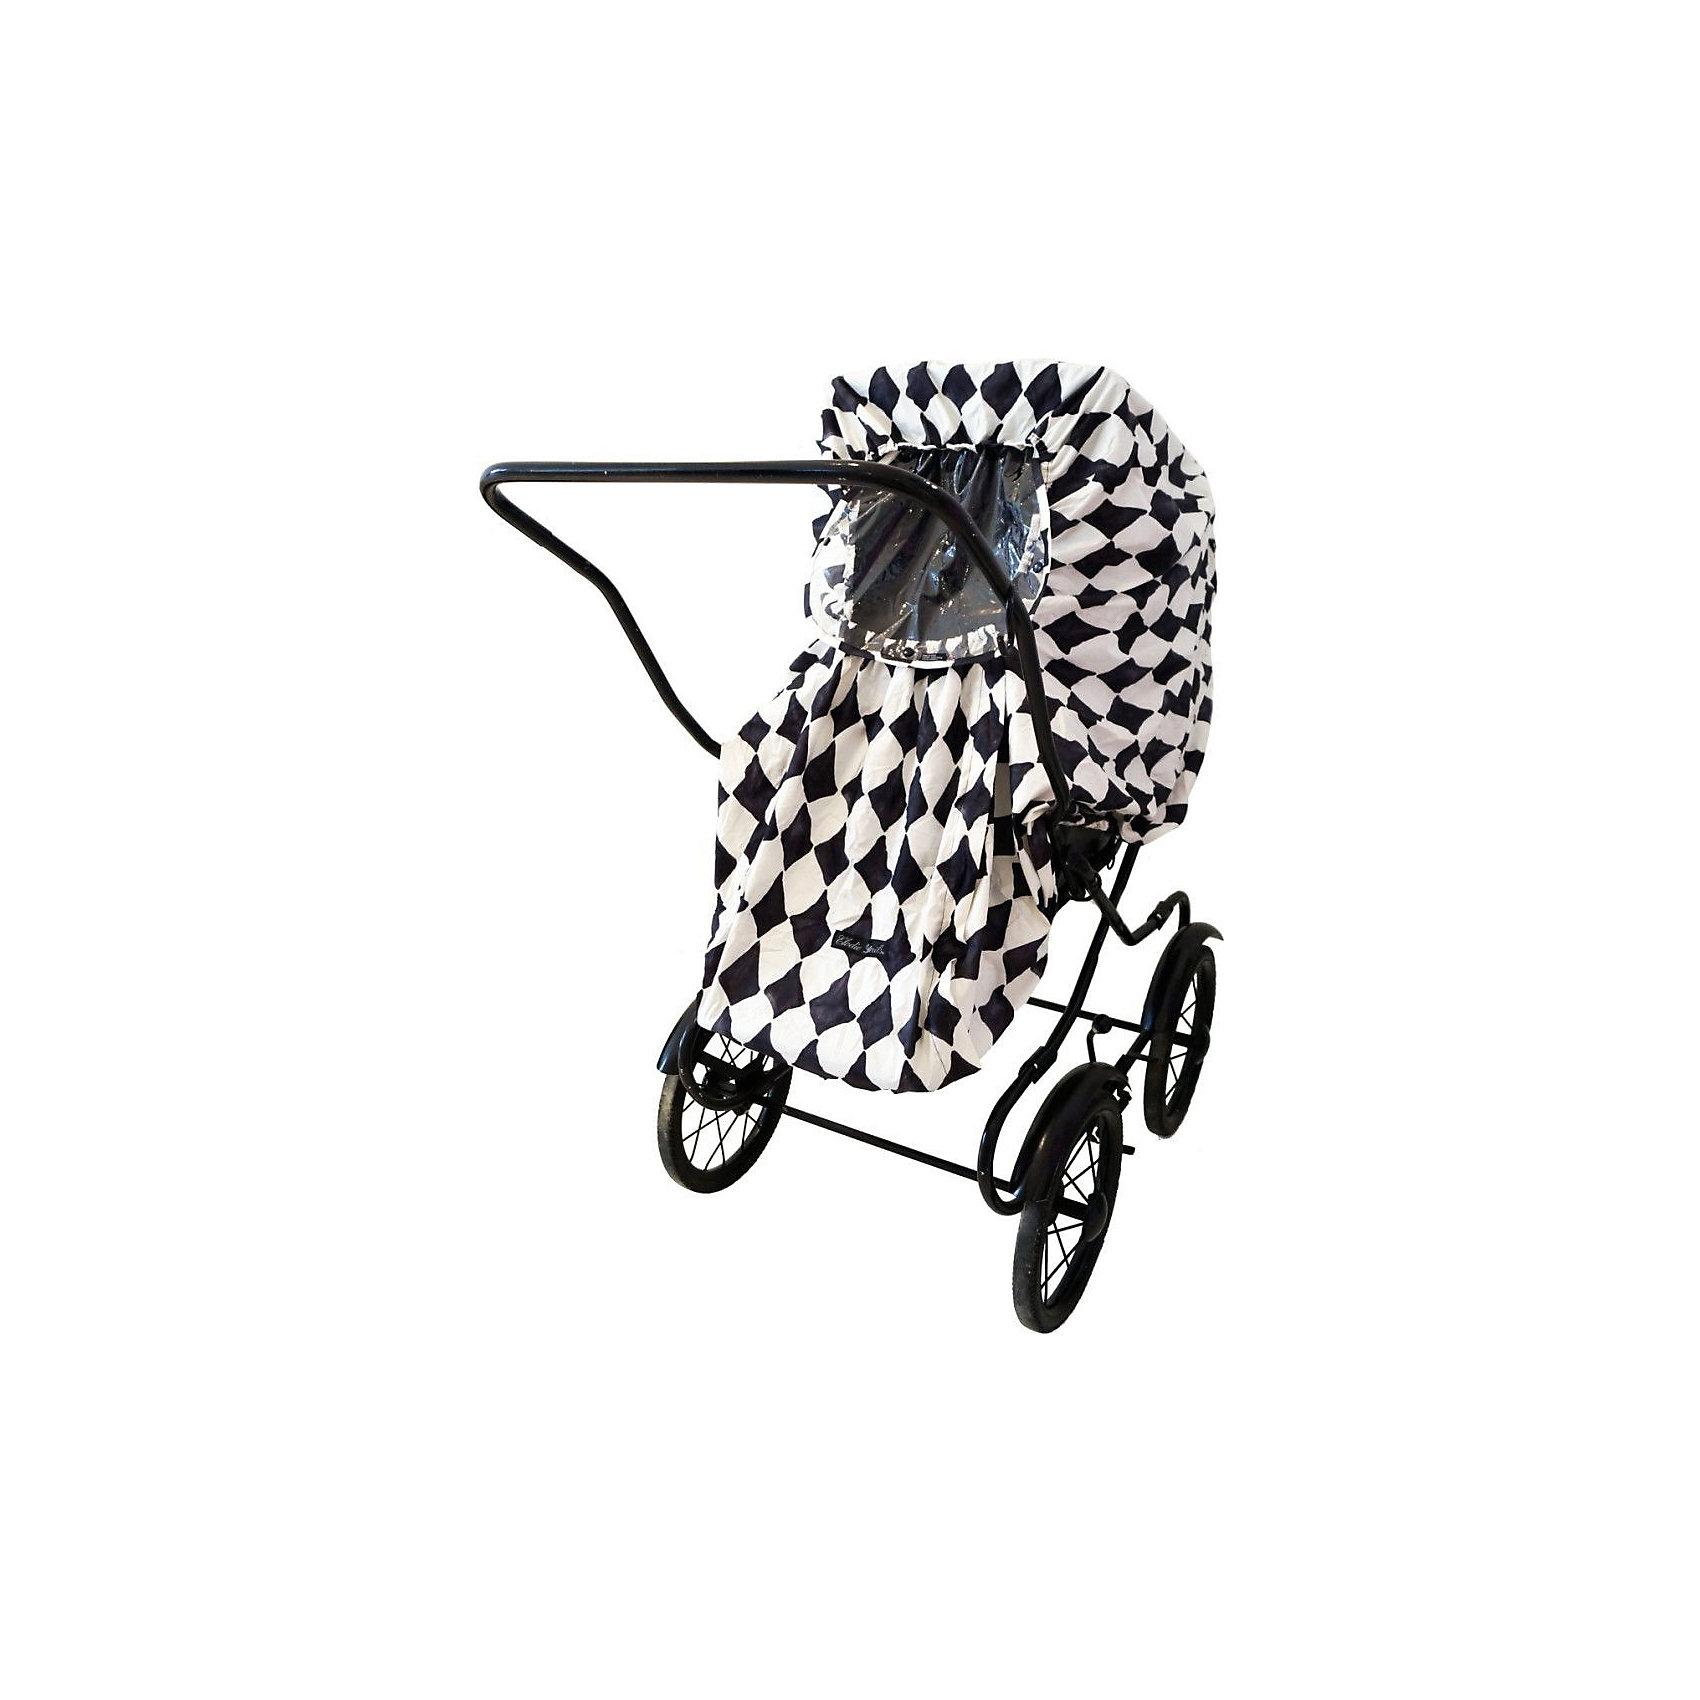 Дождевик для коляски Graphic Grace, Elodie DetailsДождевик для коляски Graphic Grace, Elodie Details (Элоди Дитейлс)<br><br>Характеристики:<br><br>• подходит ко всем видам колясок<br>• легко надеть<br>• эластичные края<br>• сумочка с молнией на липучках в комплекте<br>• съемное окошко не препятствует проникновению воздуха<br>• удобная молния<br>• регулиеруется с помощью липучек сзади<br>• стильный дизайн<br>• вес: 100 грамм<br><br>Дождь или ветер - не повод отменять прогулку. Стильный и надежный дождевик от Elodie Details защитит вашего малыша во время непогоды. Он изготовлен из непромокаемой ткани, застегивается с помощью удобной молнии и регулируется липучками. Прозрачное окошко позволит вам наблюдать за малышом. При необходимости вы сможете отстегнуть или поднять окошко. Поток воздуха не прерывается даже если окно закрыто. Эластичные края дождевика помогут вам легко и быстро надеть его на коляску. В комплект входит небольшая стильная сумочка для мамы: она крепится к коляске при помощи липучек. Дождевик подходит для всех колясок, включая прогулочные. При этом остается достаточно пространства, чтобы установить чехол для ножек. Стильный оригинальный дизайн порадует любителей модных аксессуаров. С этим дождевиком любая прогулка будет в радость!<br><br>Дождевик для коляски Graphic Grace, Elodie Details (Элоди Дитейлс) можно купить в нашем интернет-магазине.<br><br>Ширина мм: 260<br>Глубина мм: 130<br>Высота мм: 60<br>Вес г: 260<br>Возраст от месяцев: 0<br>Возраст до месяцев: 36<br>Пол: Унисекс<br>Возраст: Детский<br>SKU: 4966145